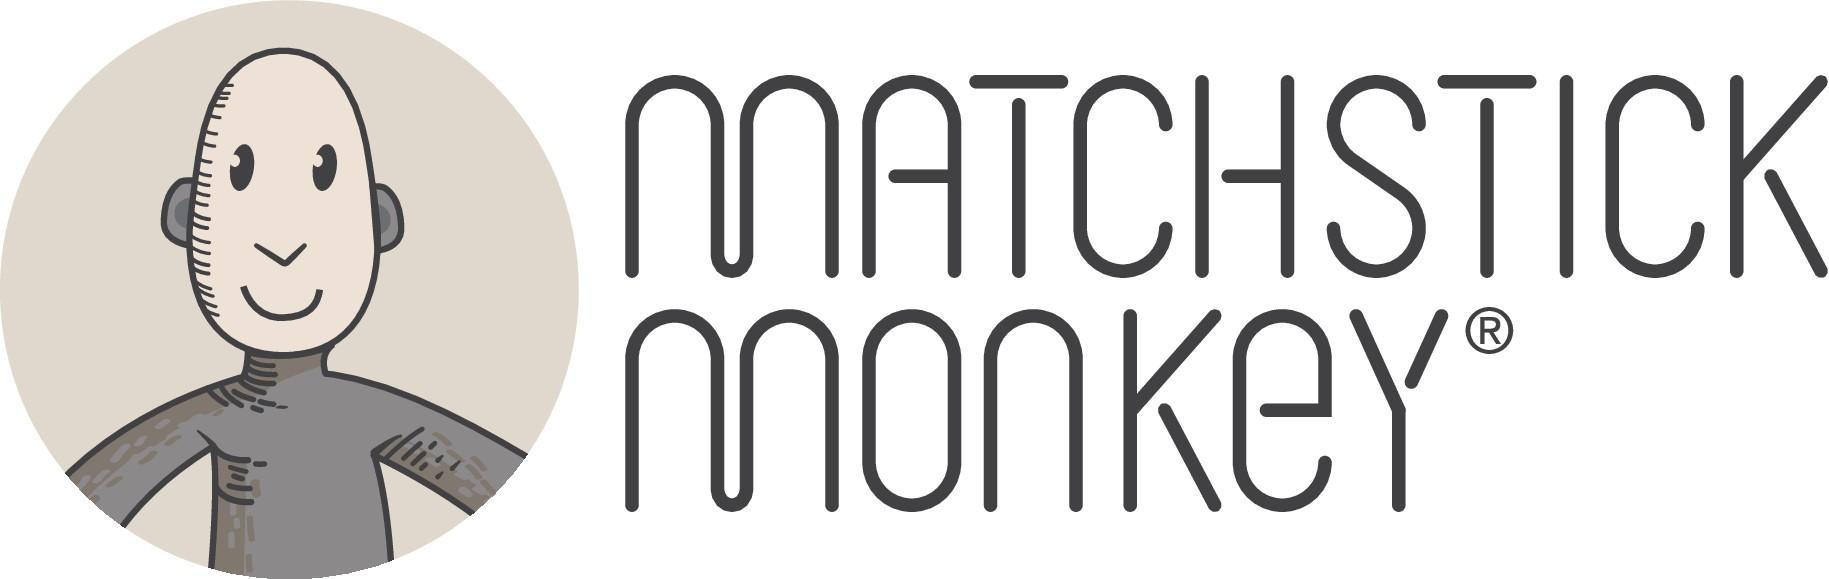 MM-Full-Logo